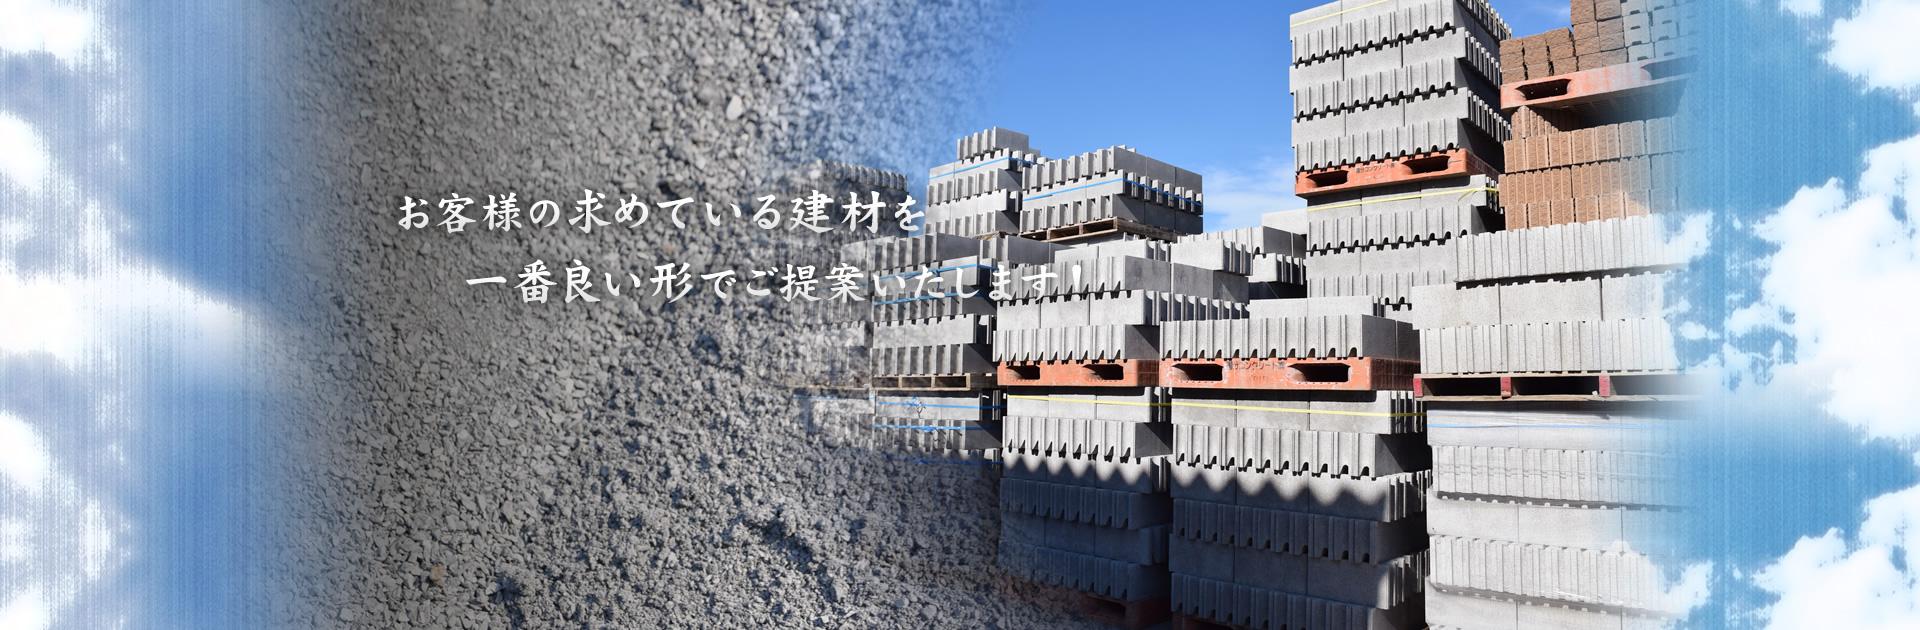 お客様の求めている建材を一番良い形でご提案いたします!